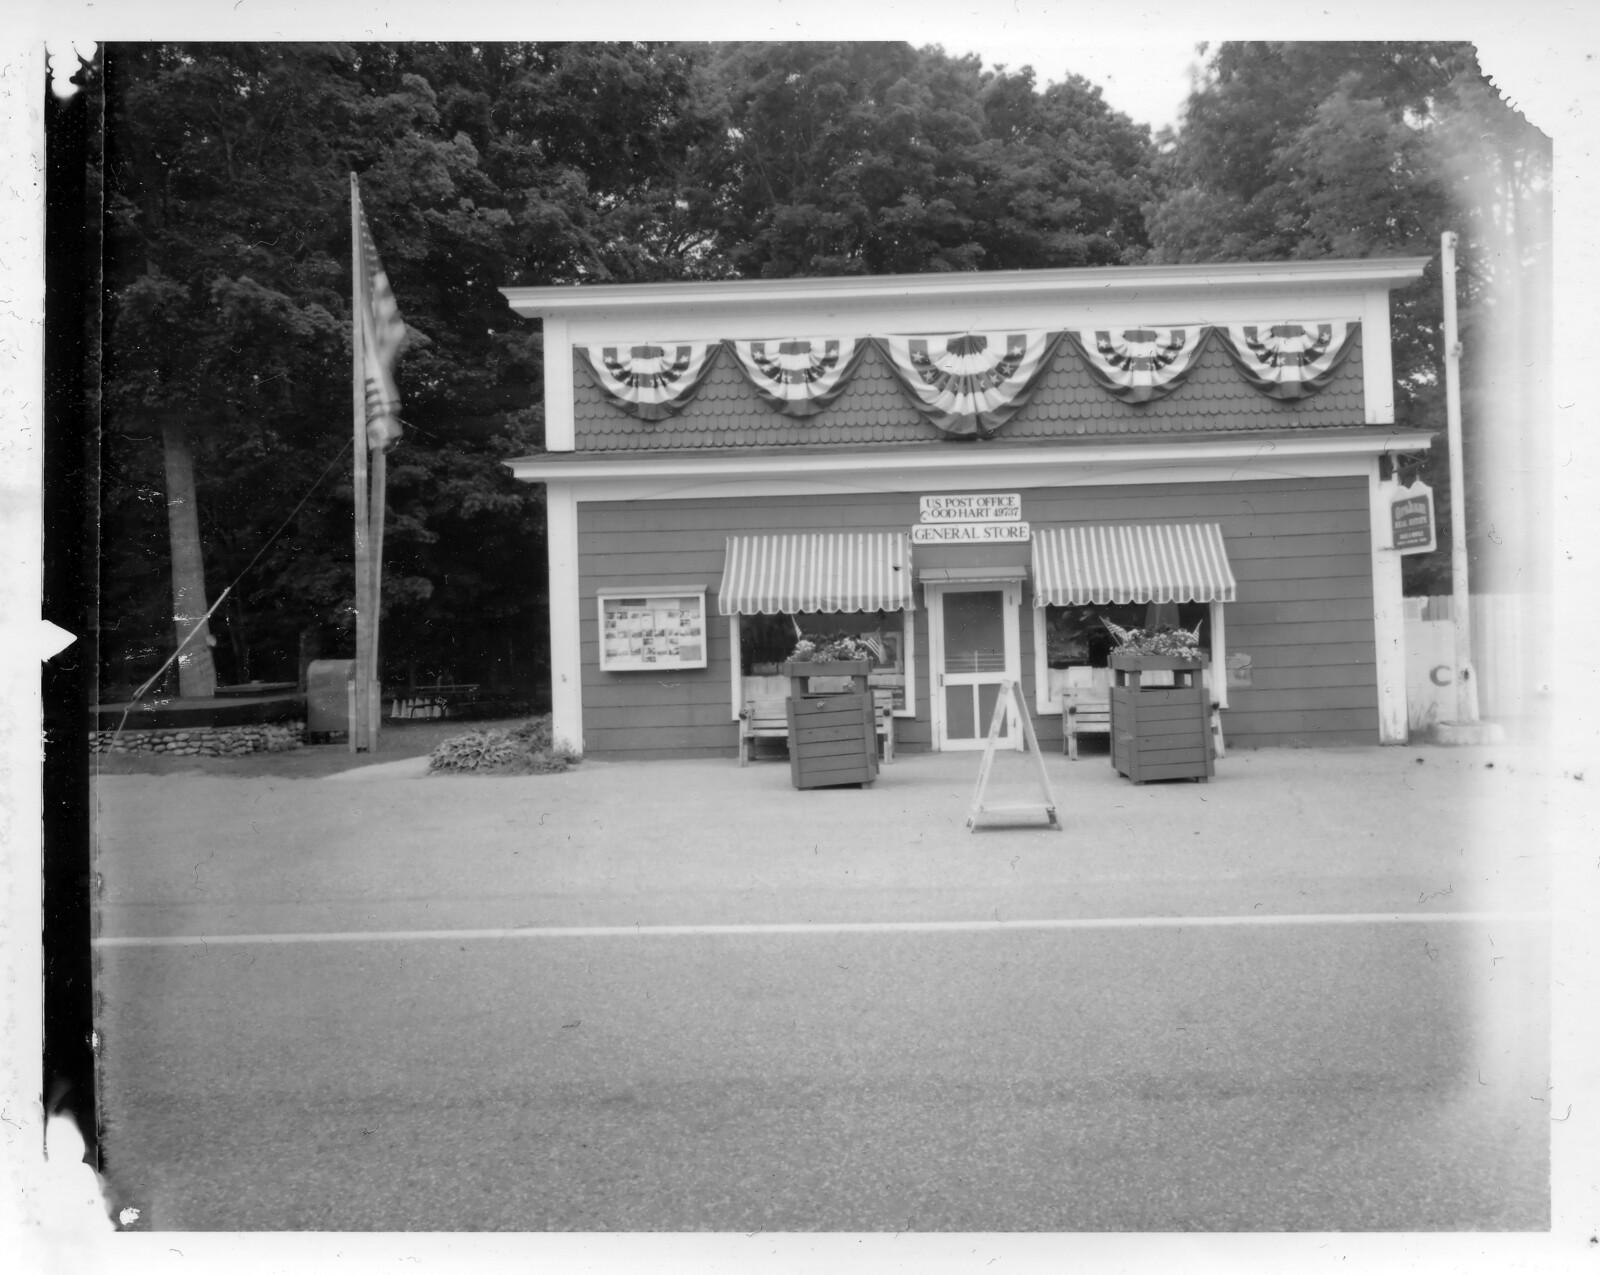 Good Hart General Store